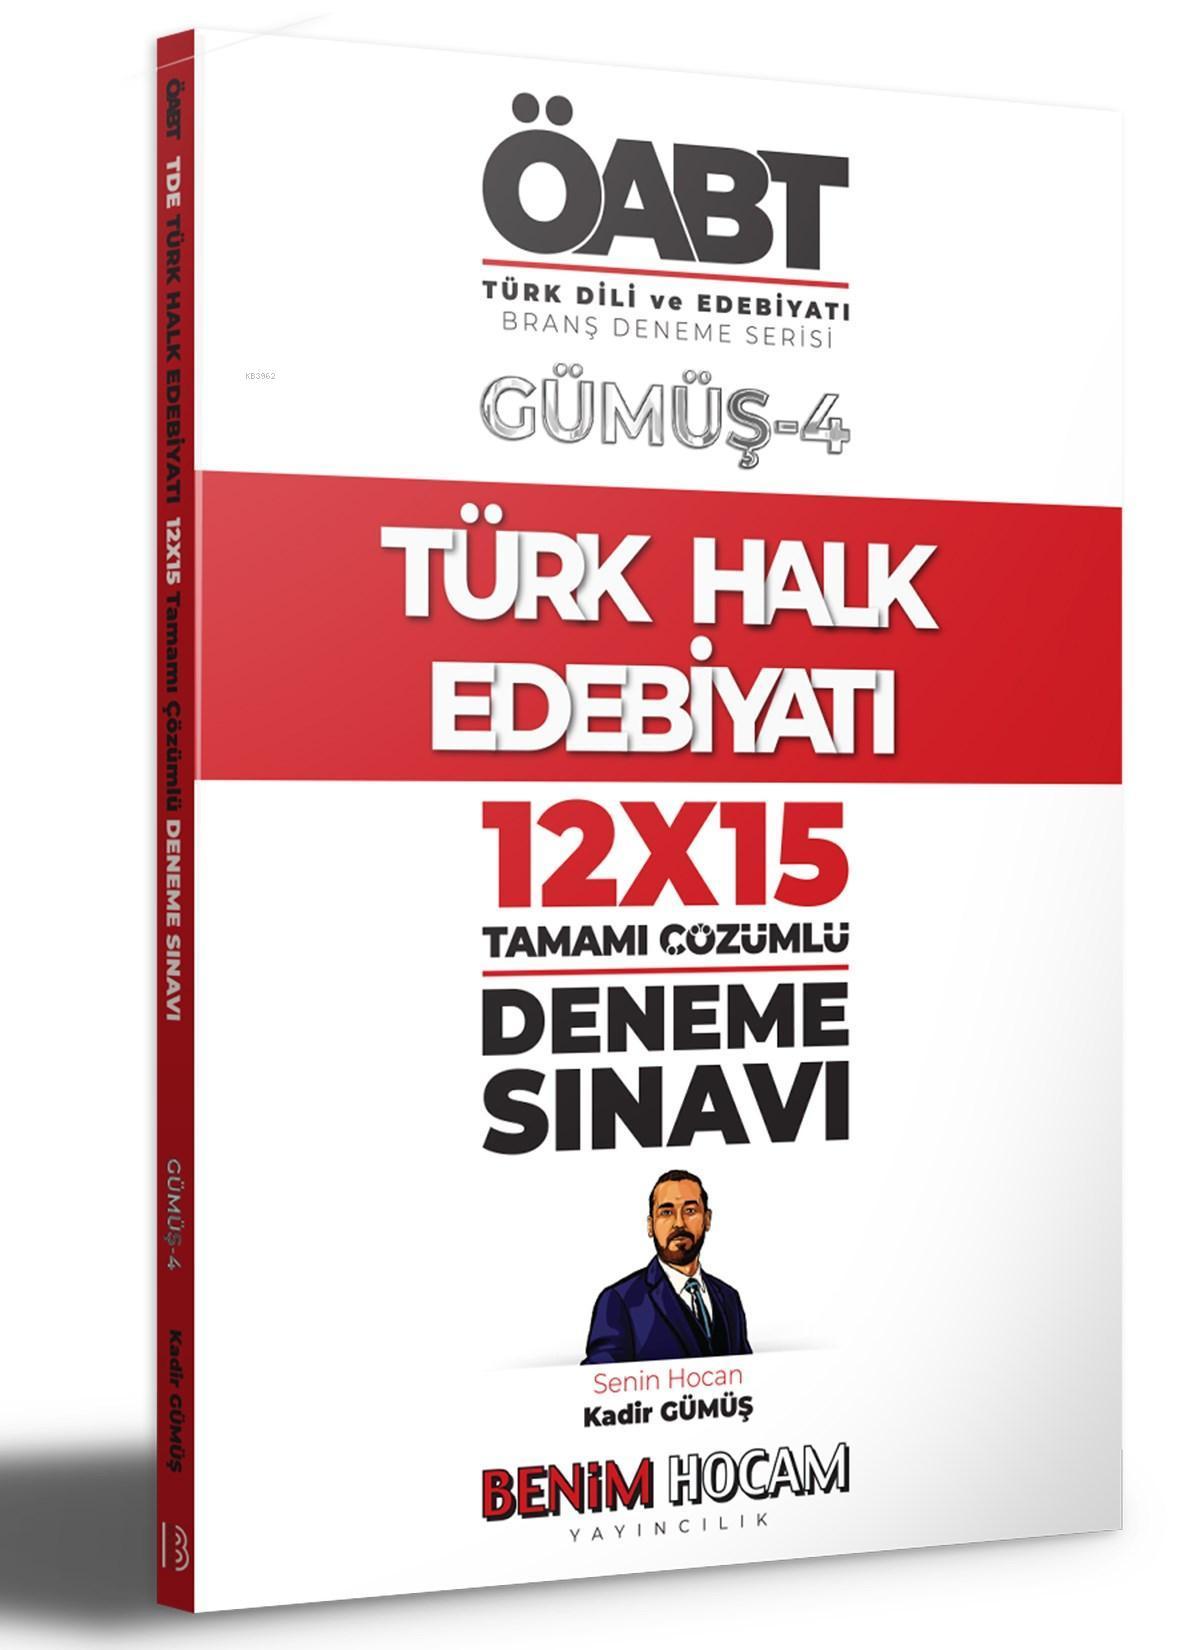 2021 KPSS Gümüş Serisi 4 ÖABT Türk Dili ve Edebiyatı Türk Halk Edebiyatı Deneme Sınavları BenimHocam